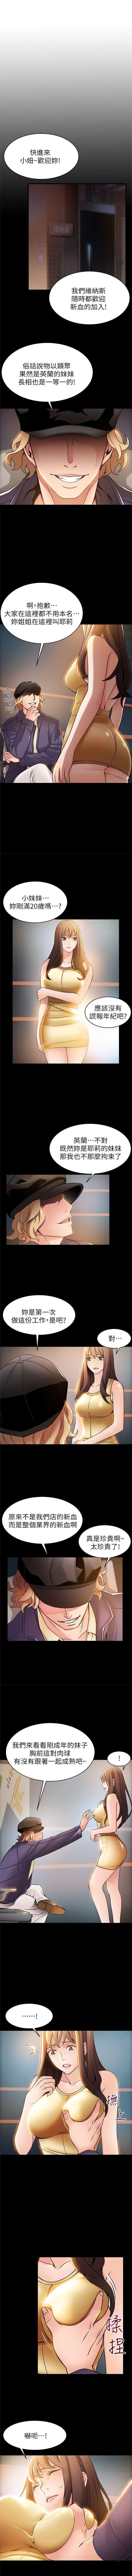 (周7)弱点 1-66 中文翻译(更新中) 95